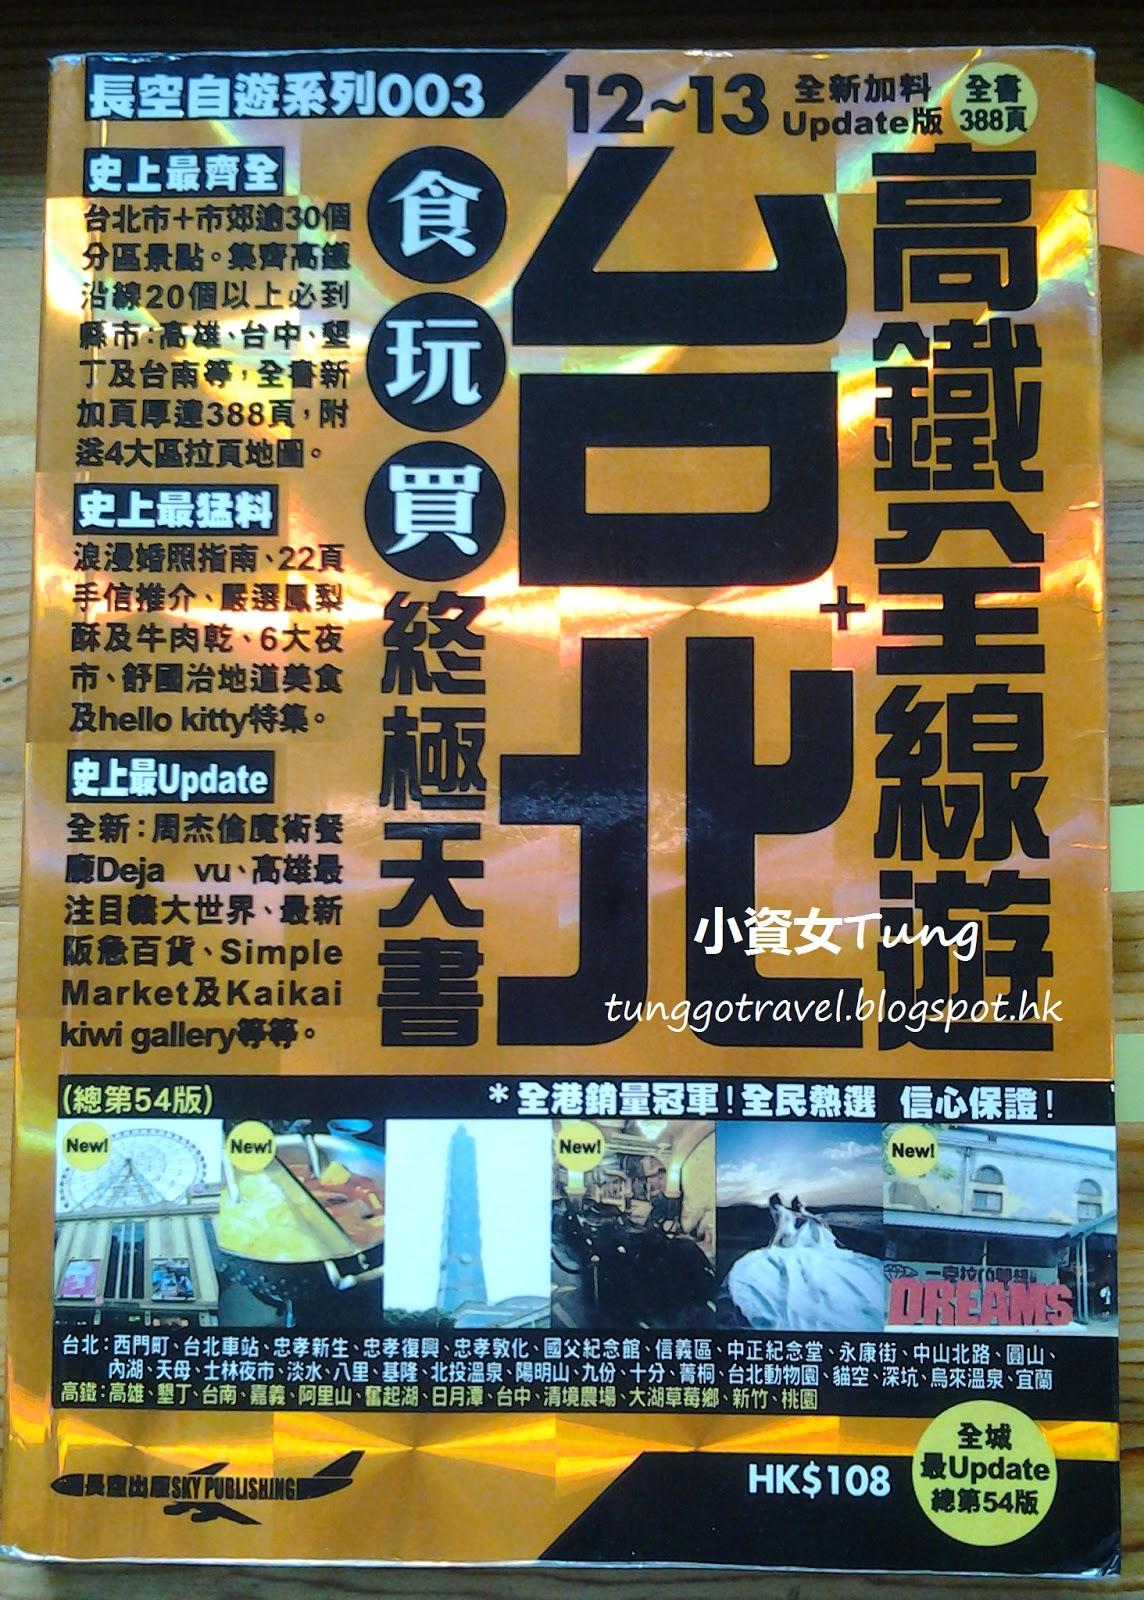 小資女Tung X 生活旅遊紀錄: [旅遊。臺灣] 臺北宜蘭自由行2014 ~ 行前準備 [12/7/2014更新版]